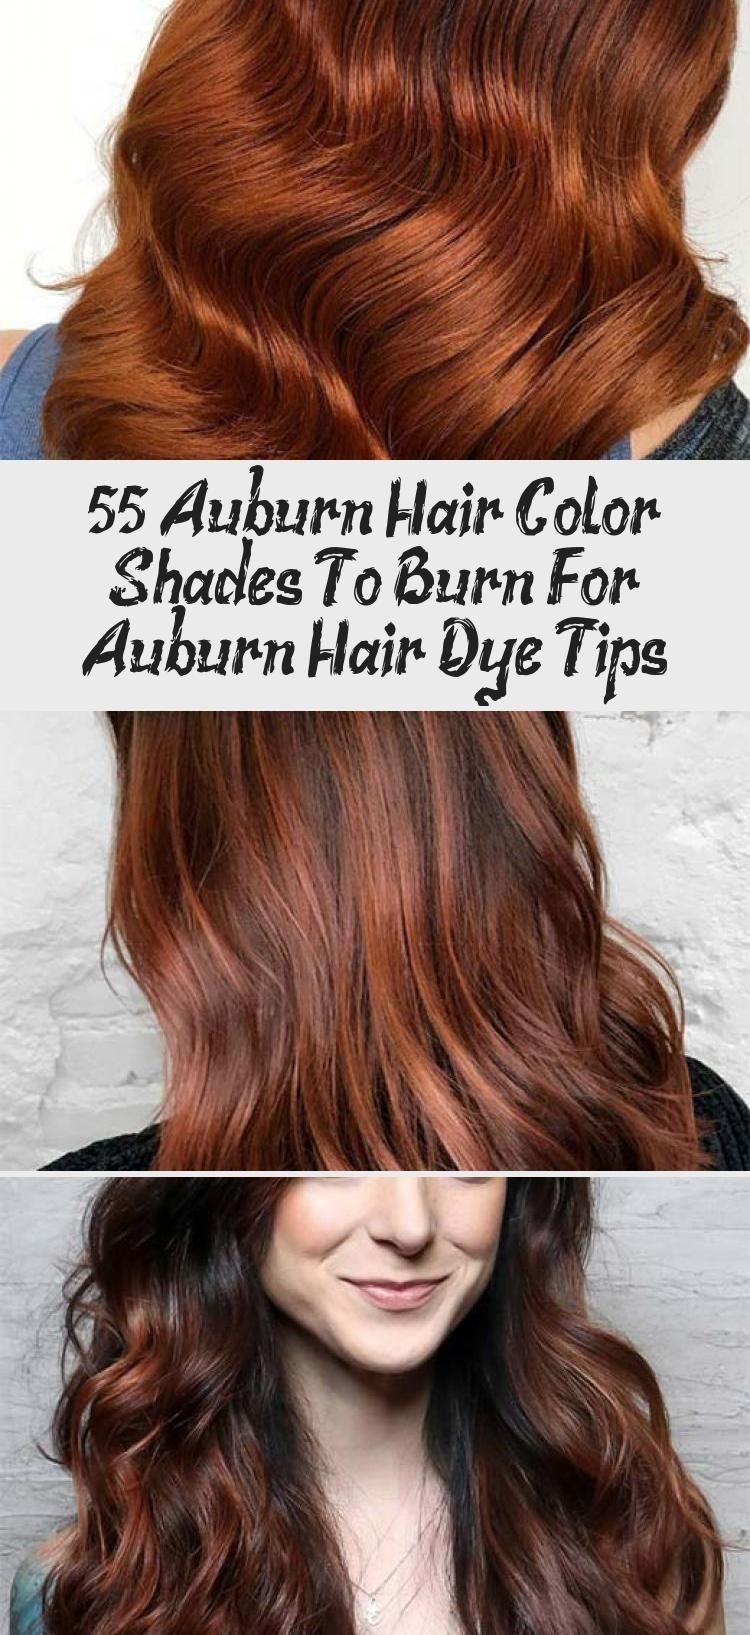 Auburn Hair Color Shades Auburn Hair Dye Tips Dyedhairboys Dyedhairstreaks Dyedhairtumblr Dyedhairbeforeandafter In 2020 Auburn Hair Hair Dye Tips Auburn Hair Dye